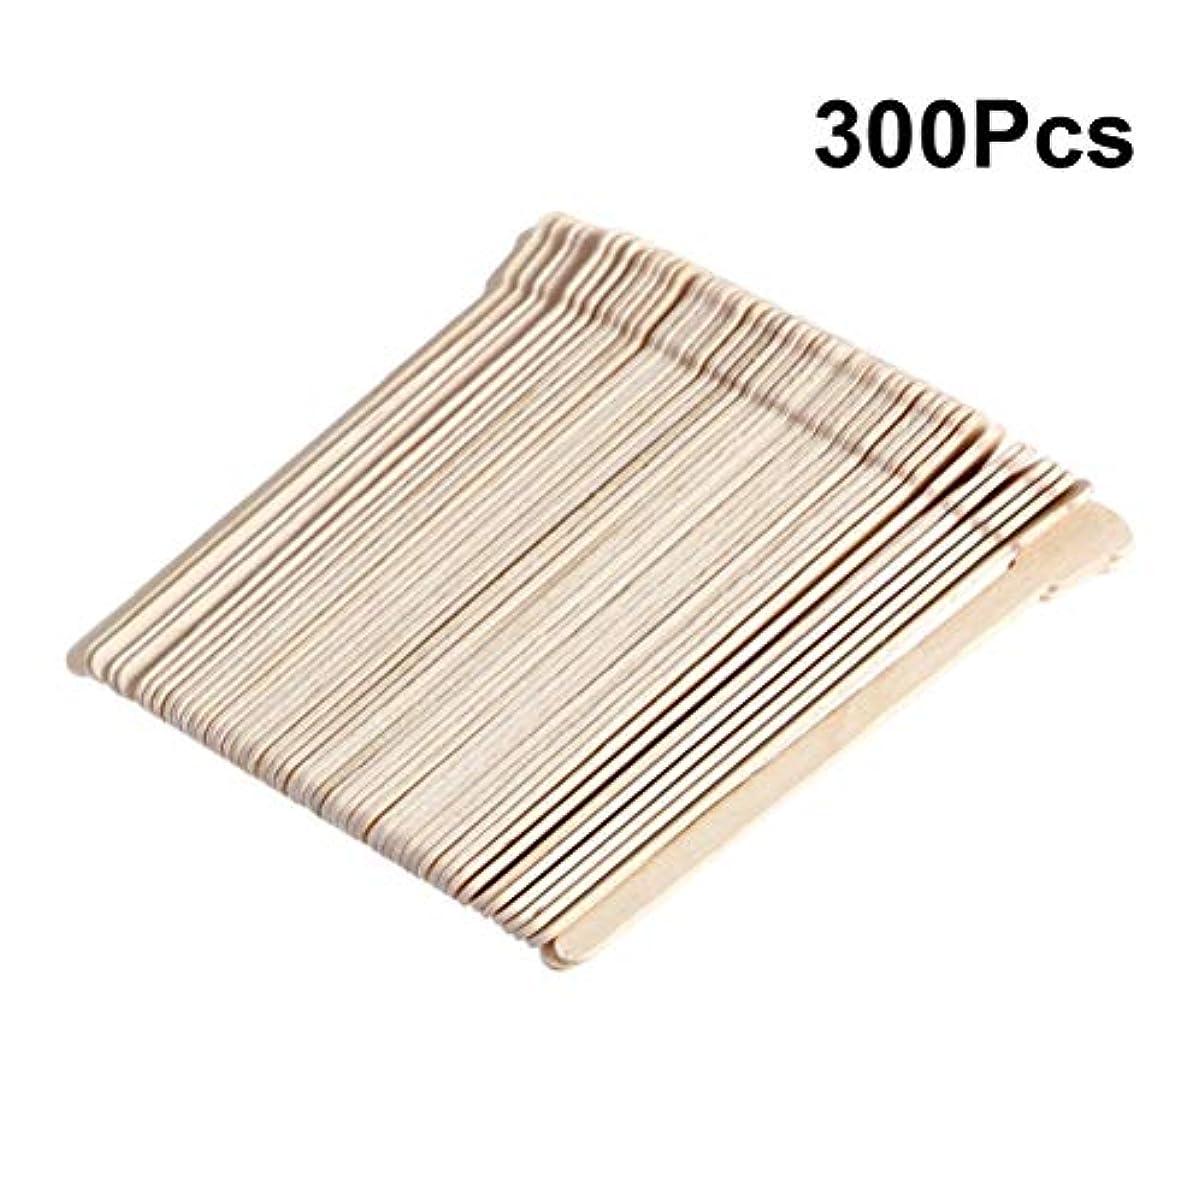 伝統的熟読するのスコアSUPVOX 300ピース木製ワックススティックフェイス眉毛ワックスへら脱毛(オリジナル木製色)